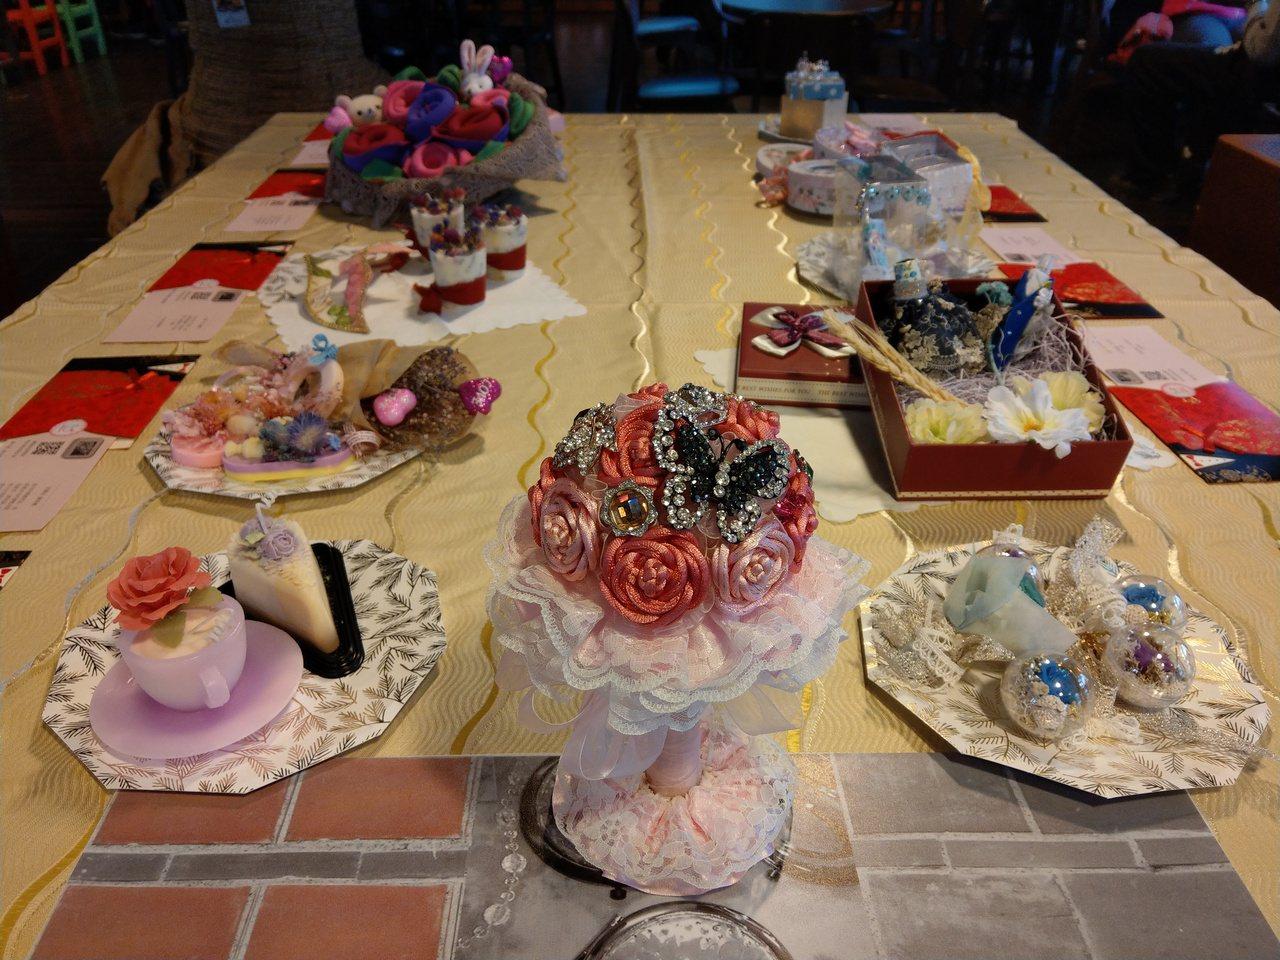 蘭陽技術學院的婚禮小物作品展在百果樹紅磚屋登場,學生們的創作浪漫精巧。 記者戴永...